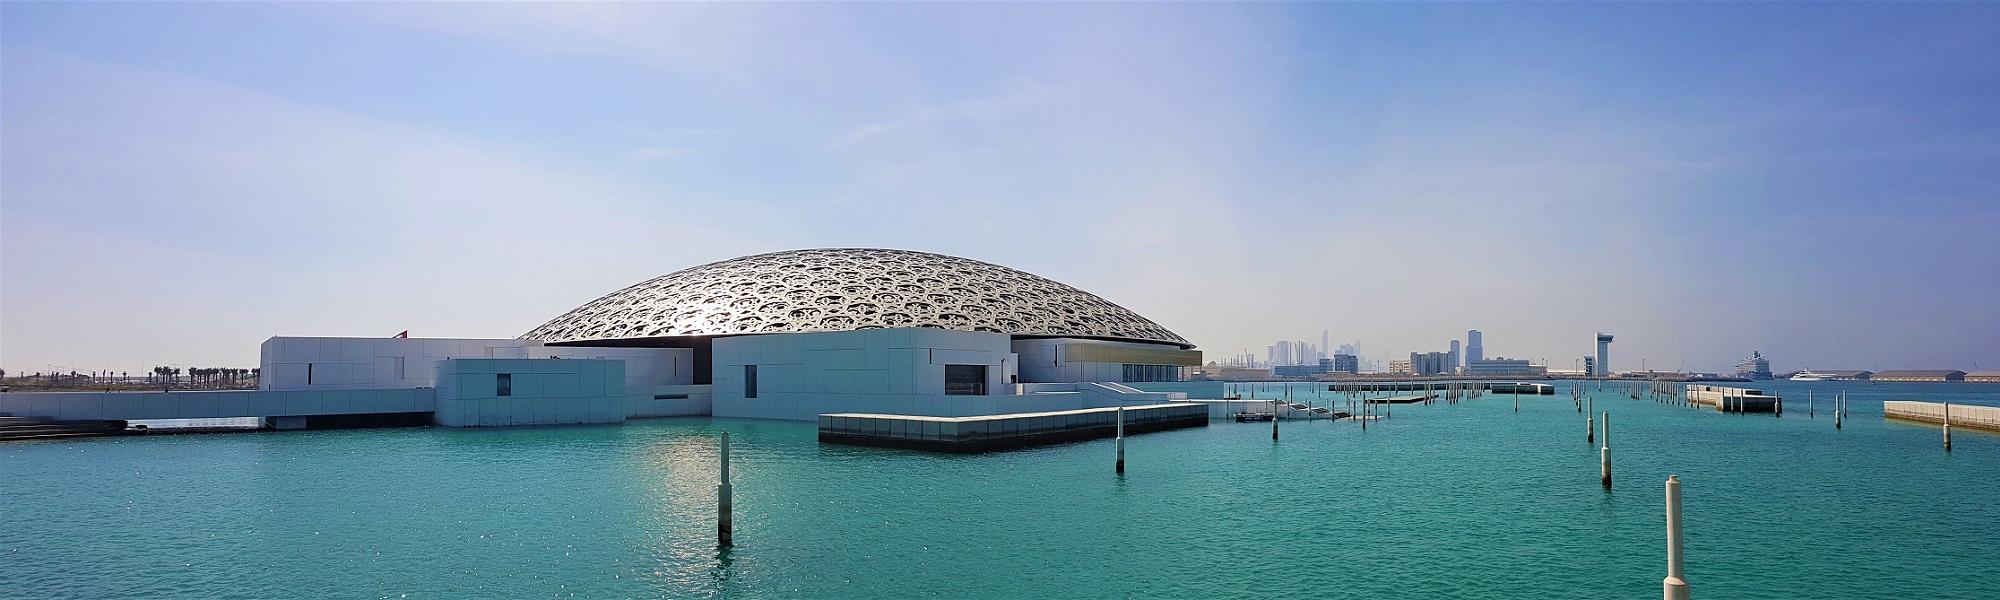 Louvre Abu Dhabi | L'humanité sous un jour nouveau